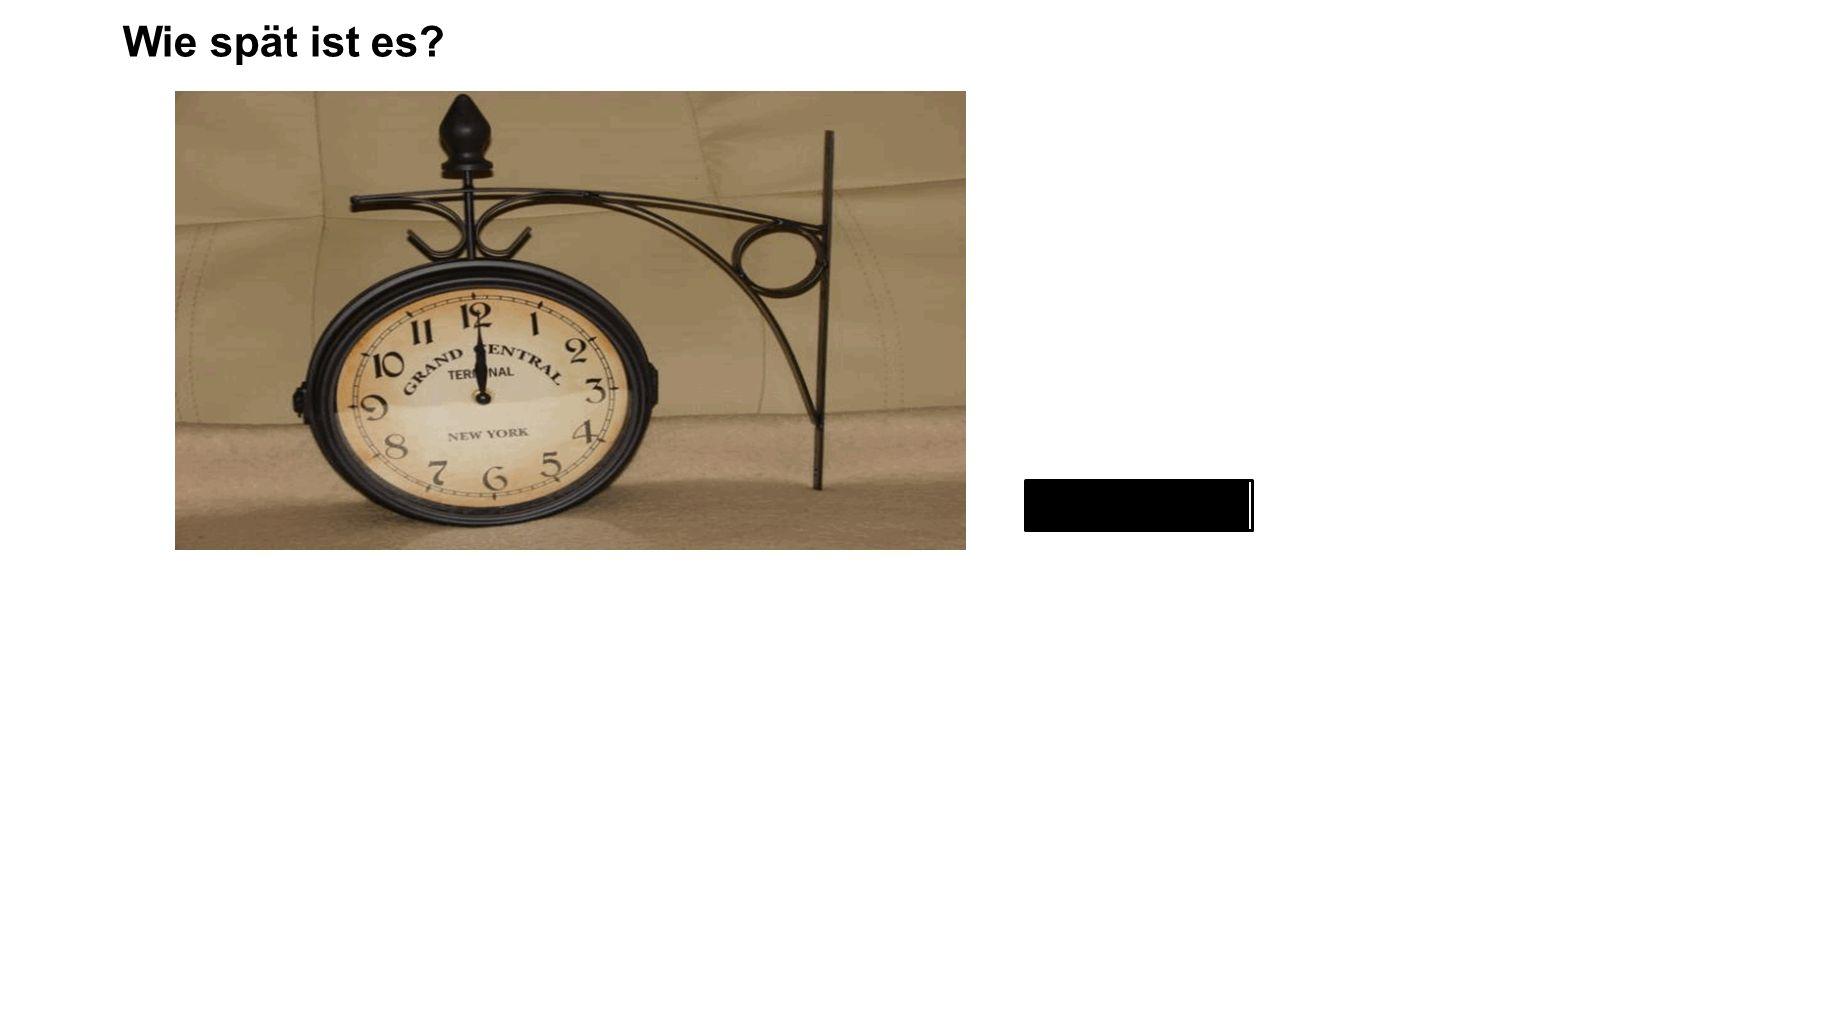 Wie spät ist es zwölf Uhr